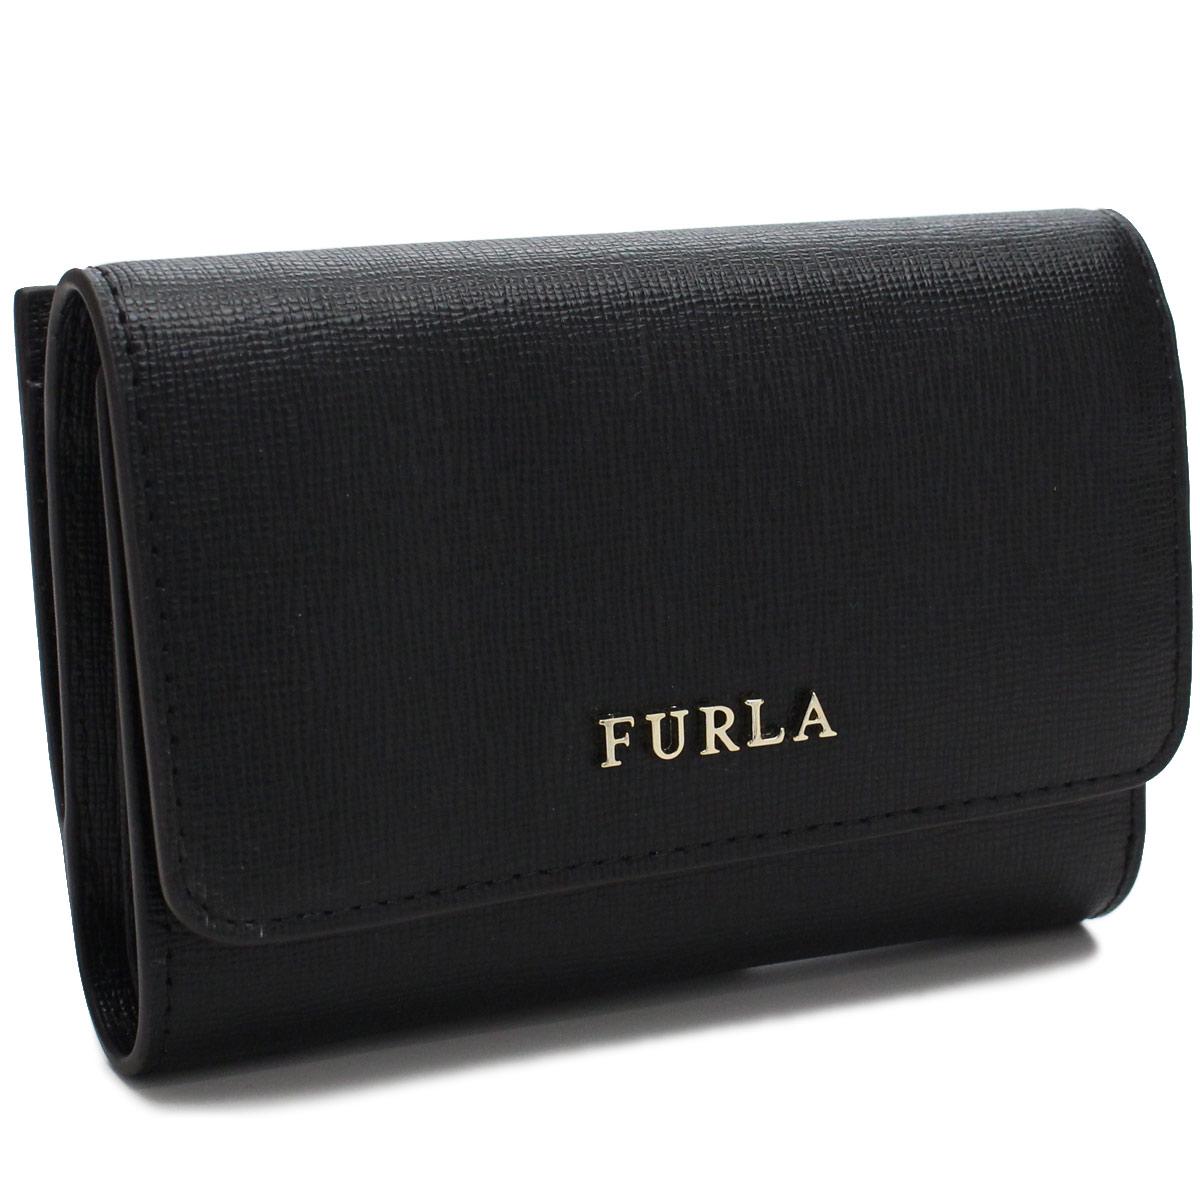 フルラ FURLA 財布 BABYLON バビロン 3つ折り財布 小銭入れ付き PR76 872817 B30 O60 NERO ブラック レディース